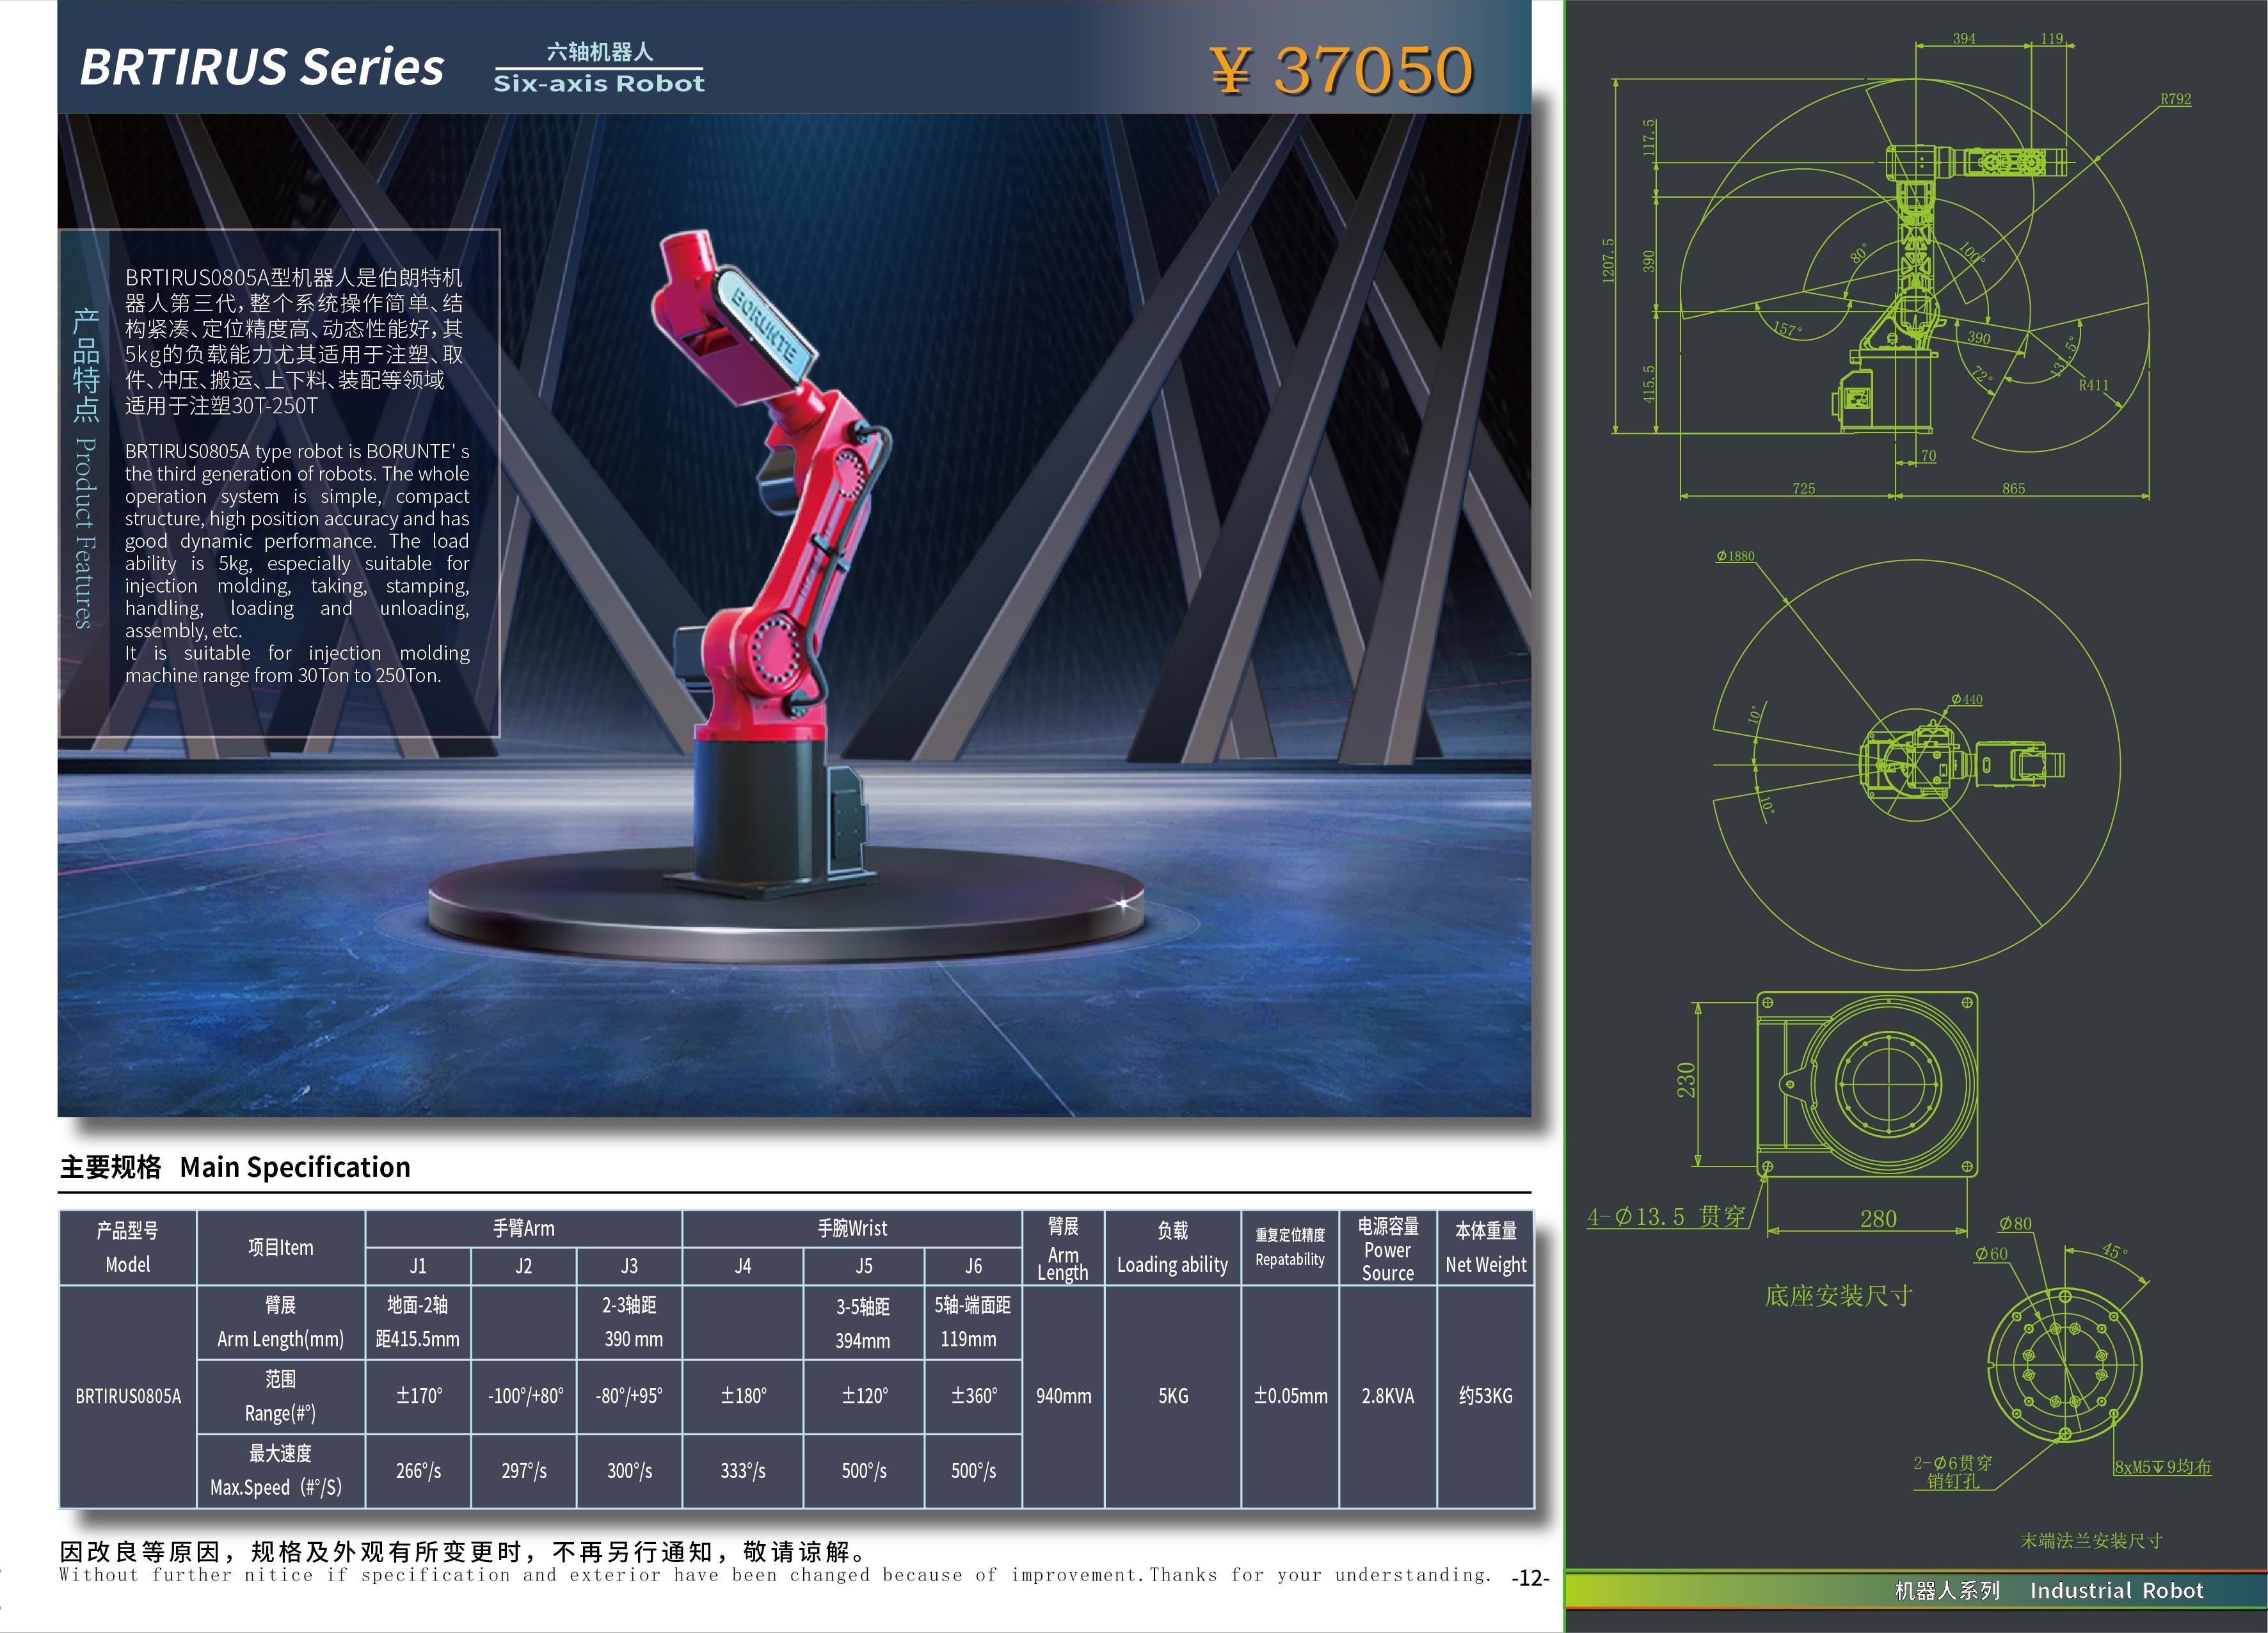 六軸機器人BRTIRUS0805A.jpg